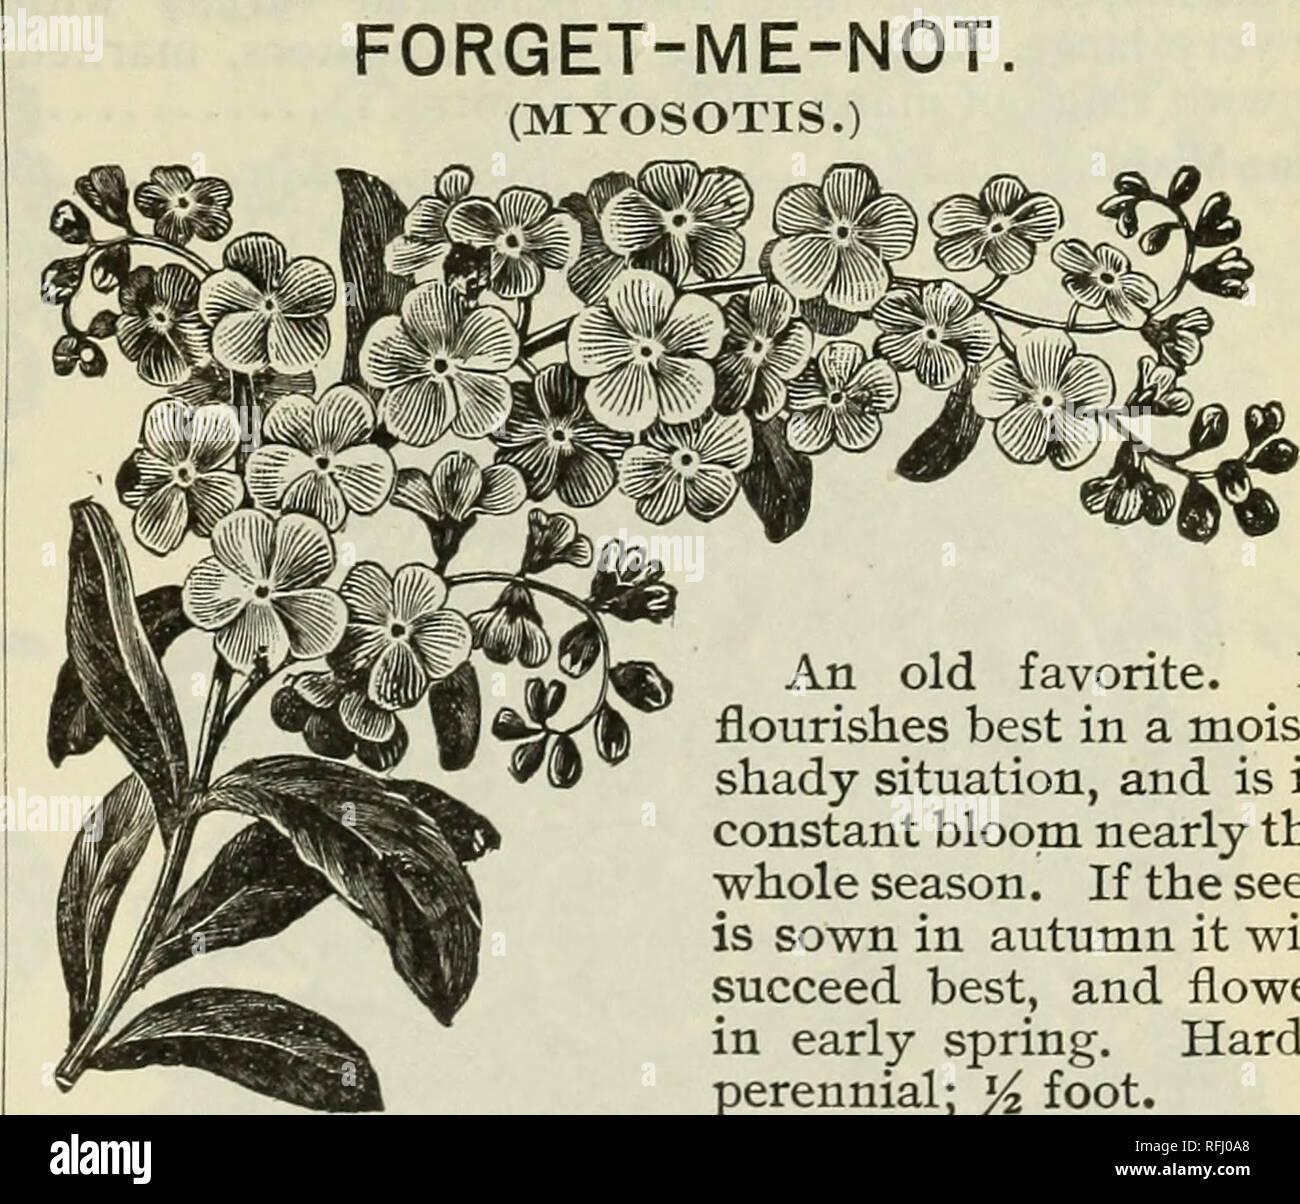 Spring 1899  Nursery stock Ohio Catalogs